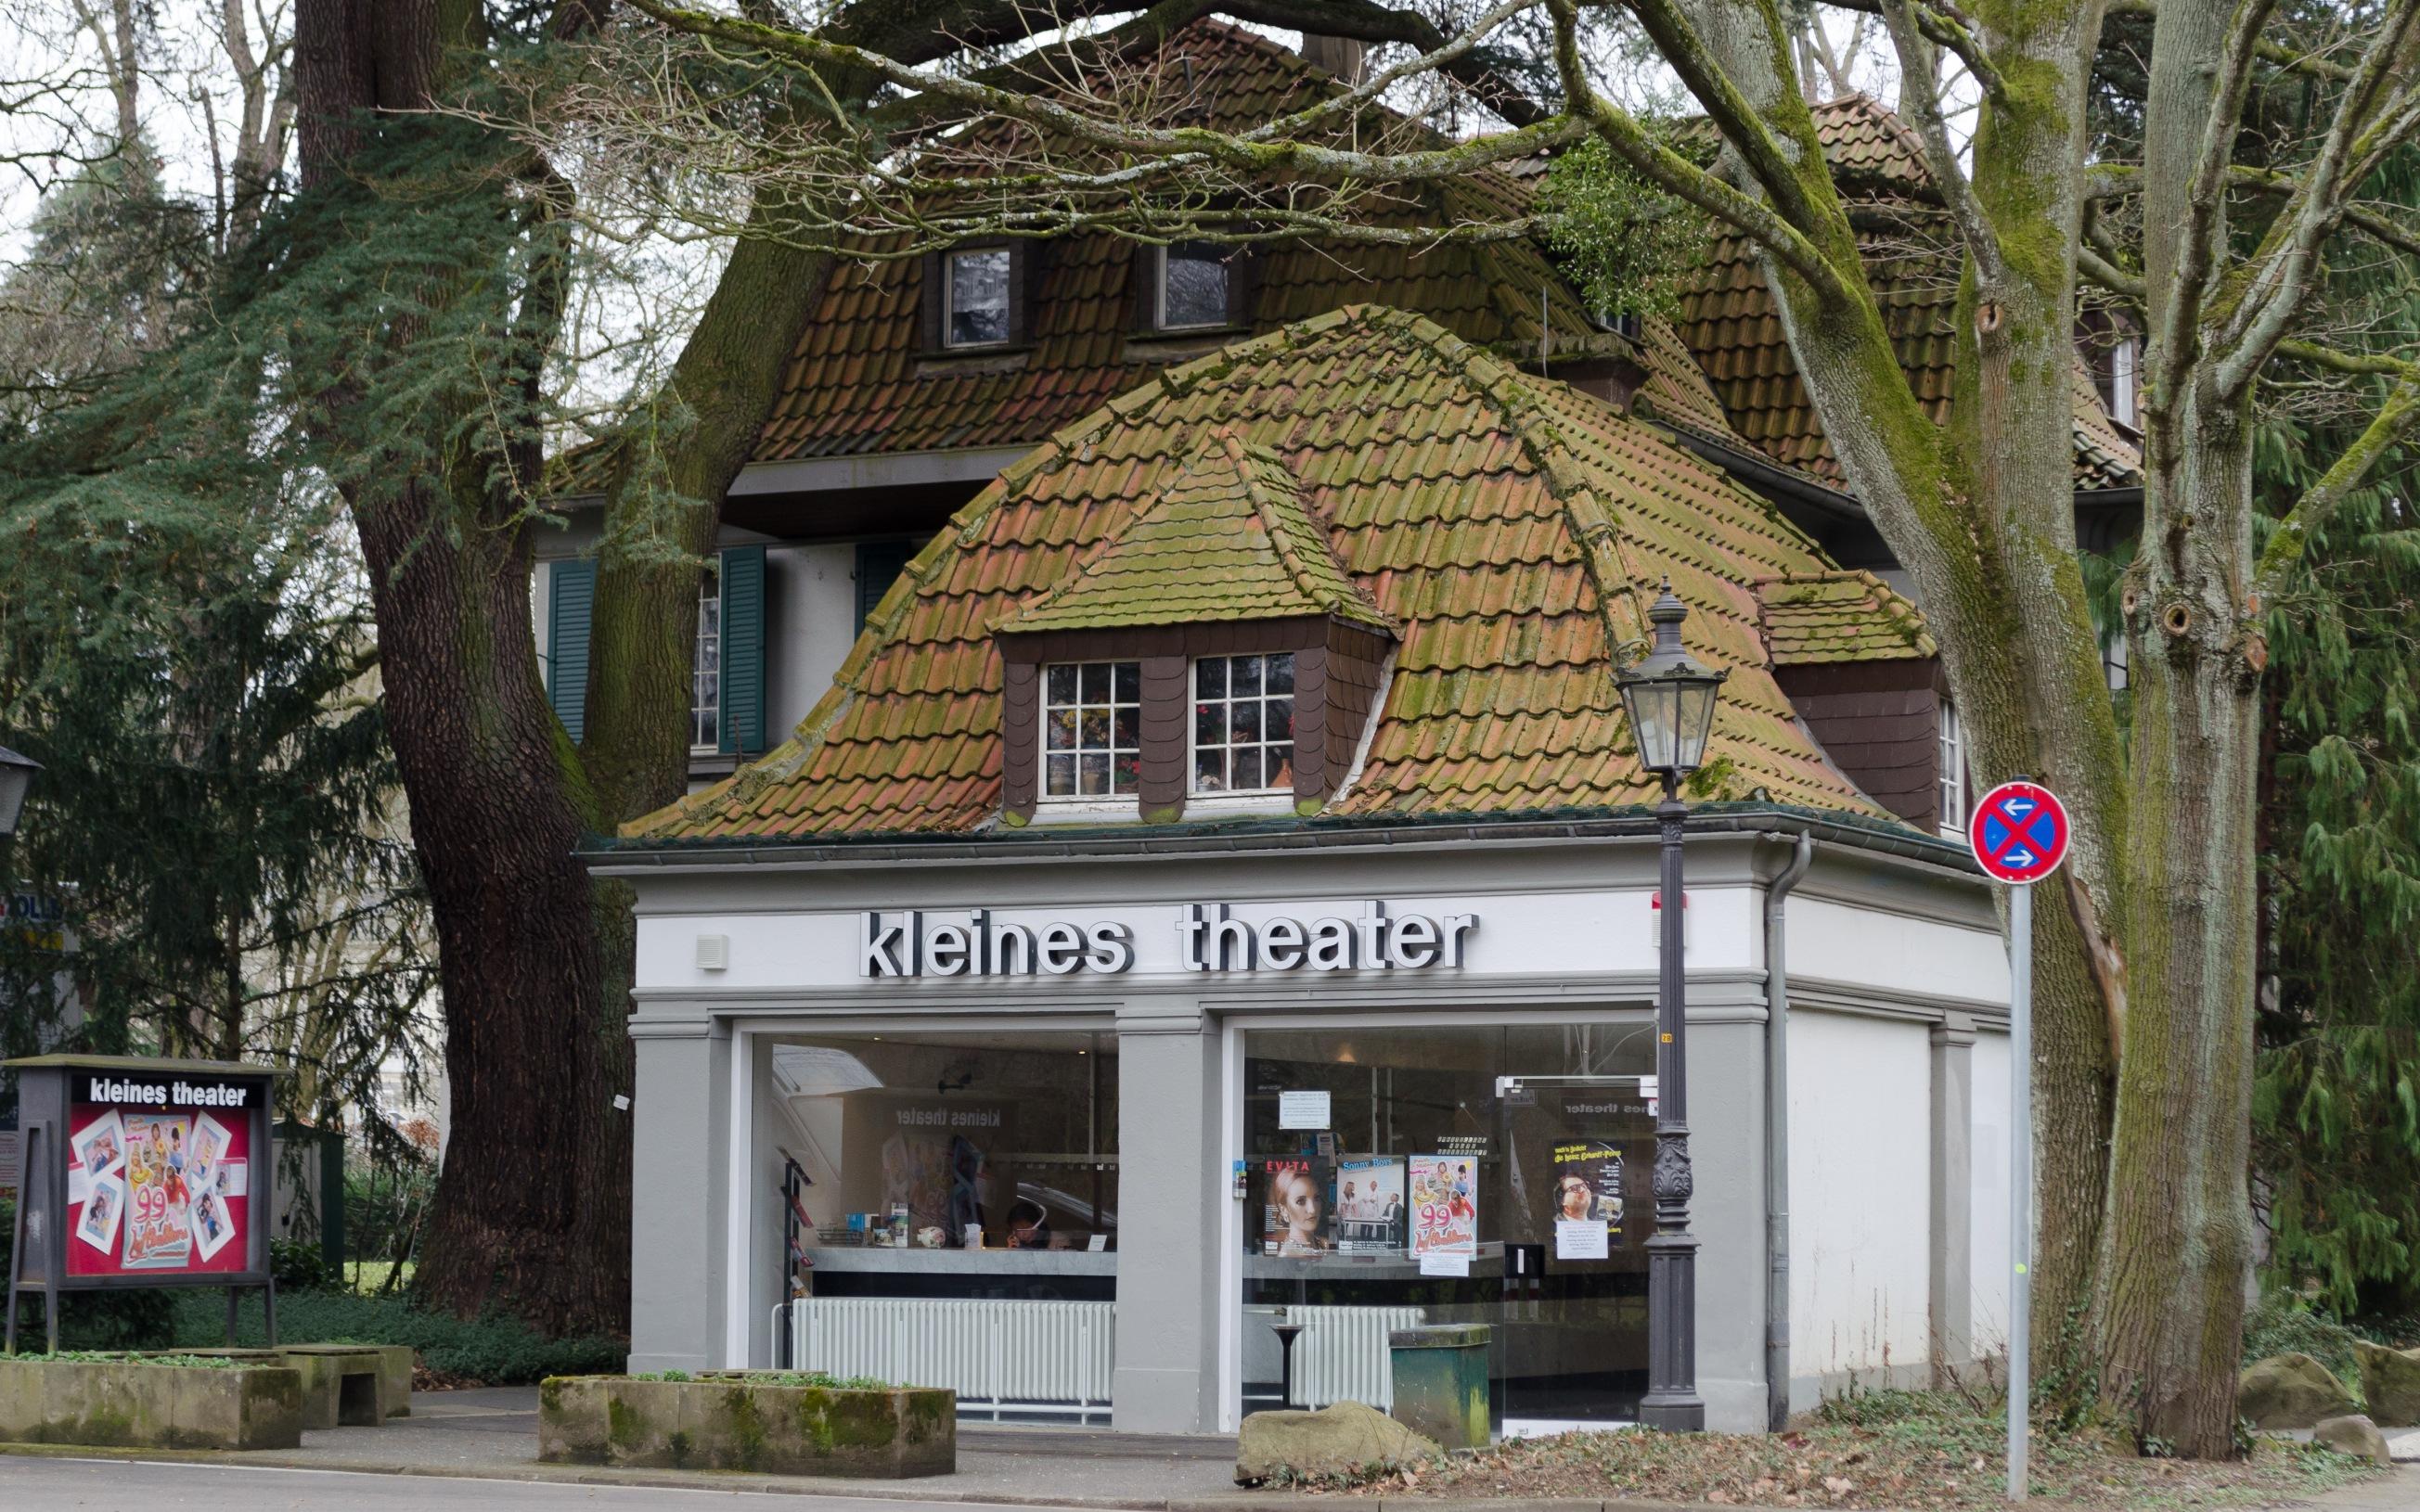 Denkmalgeschütztes Gebäude Koblenzer Straße 78 (Kleines Theater) in Bad Godesberg, Ortsteil Alt-Godesberg